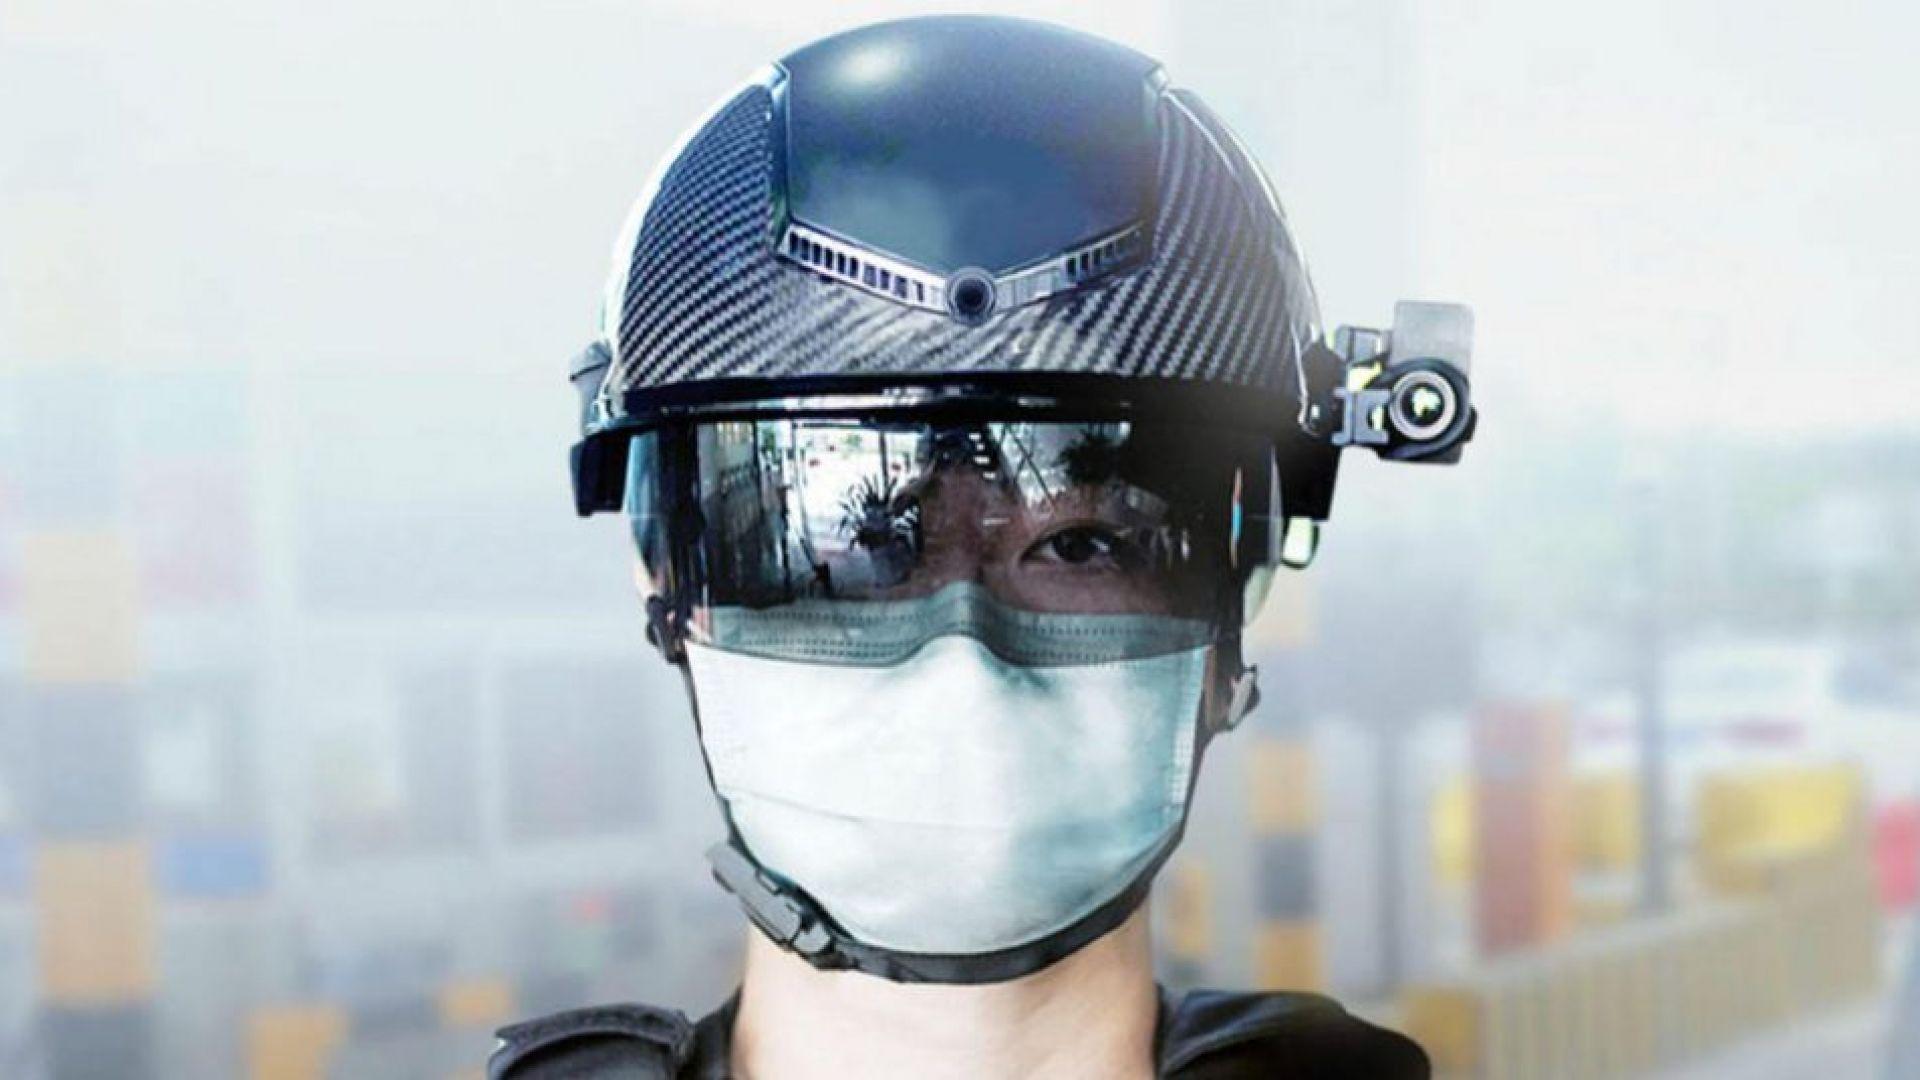 Полицаи сканират температурата на граждани с помощта на умни шлемове